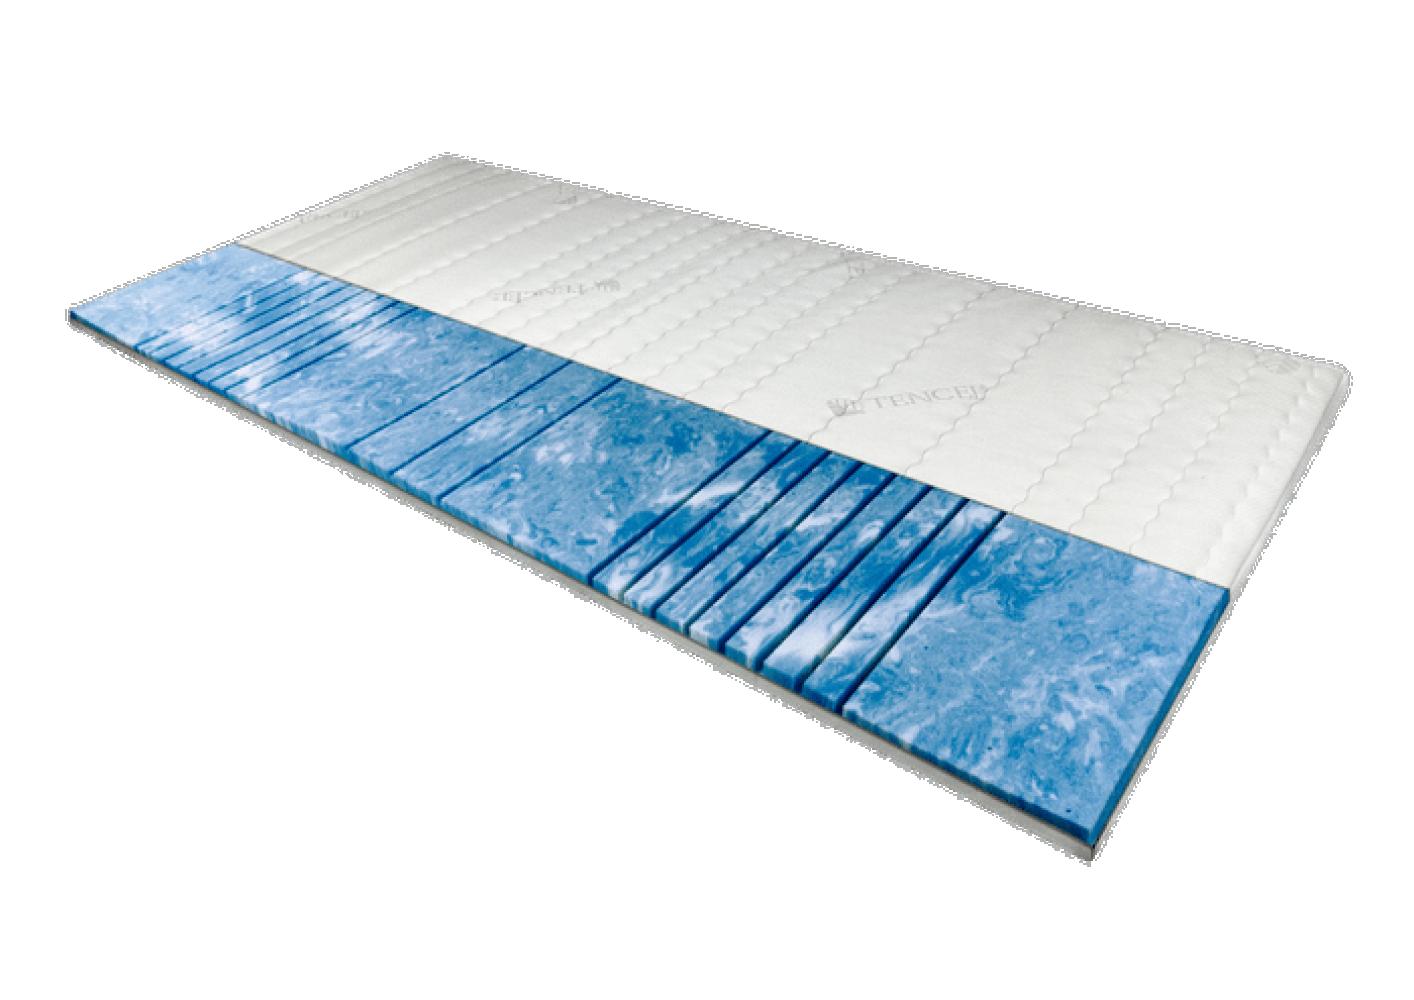 AM Qualitätsmatratzen | 7-Zonen Deluxe Gelschaum-Topper 180x190 cm - 8 cm Höhe Bild 1